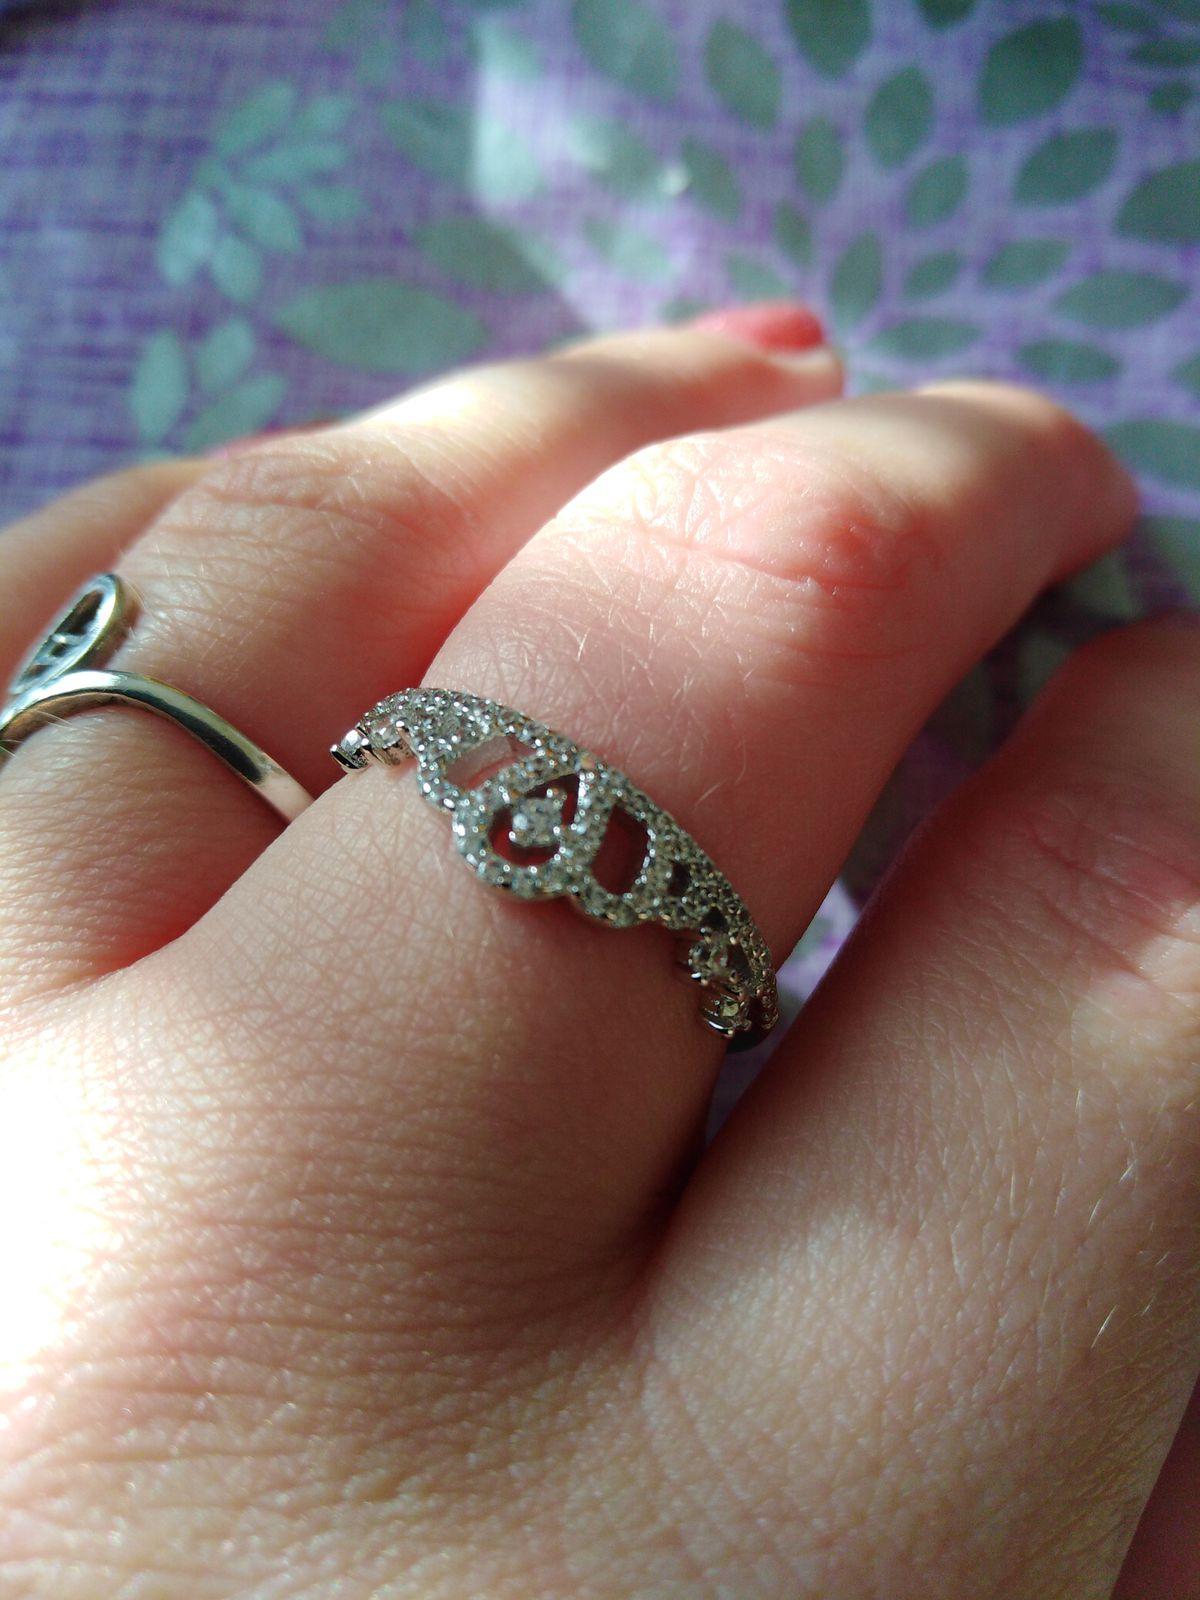 Красивое кольцо, о котором давно мечтала.